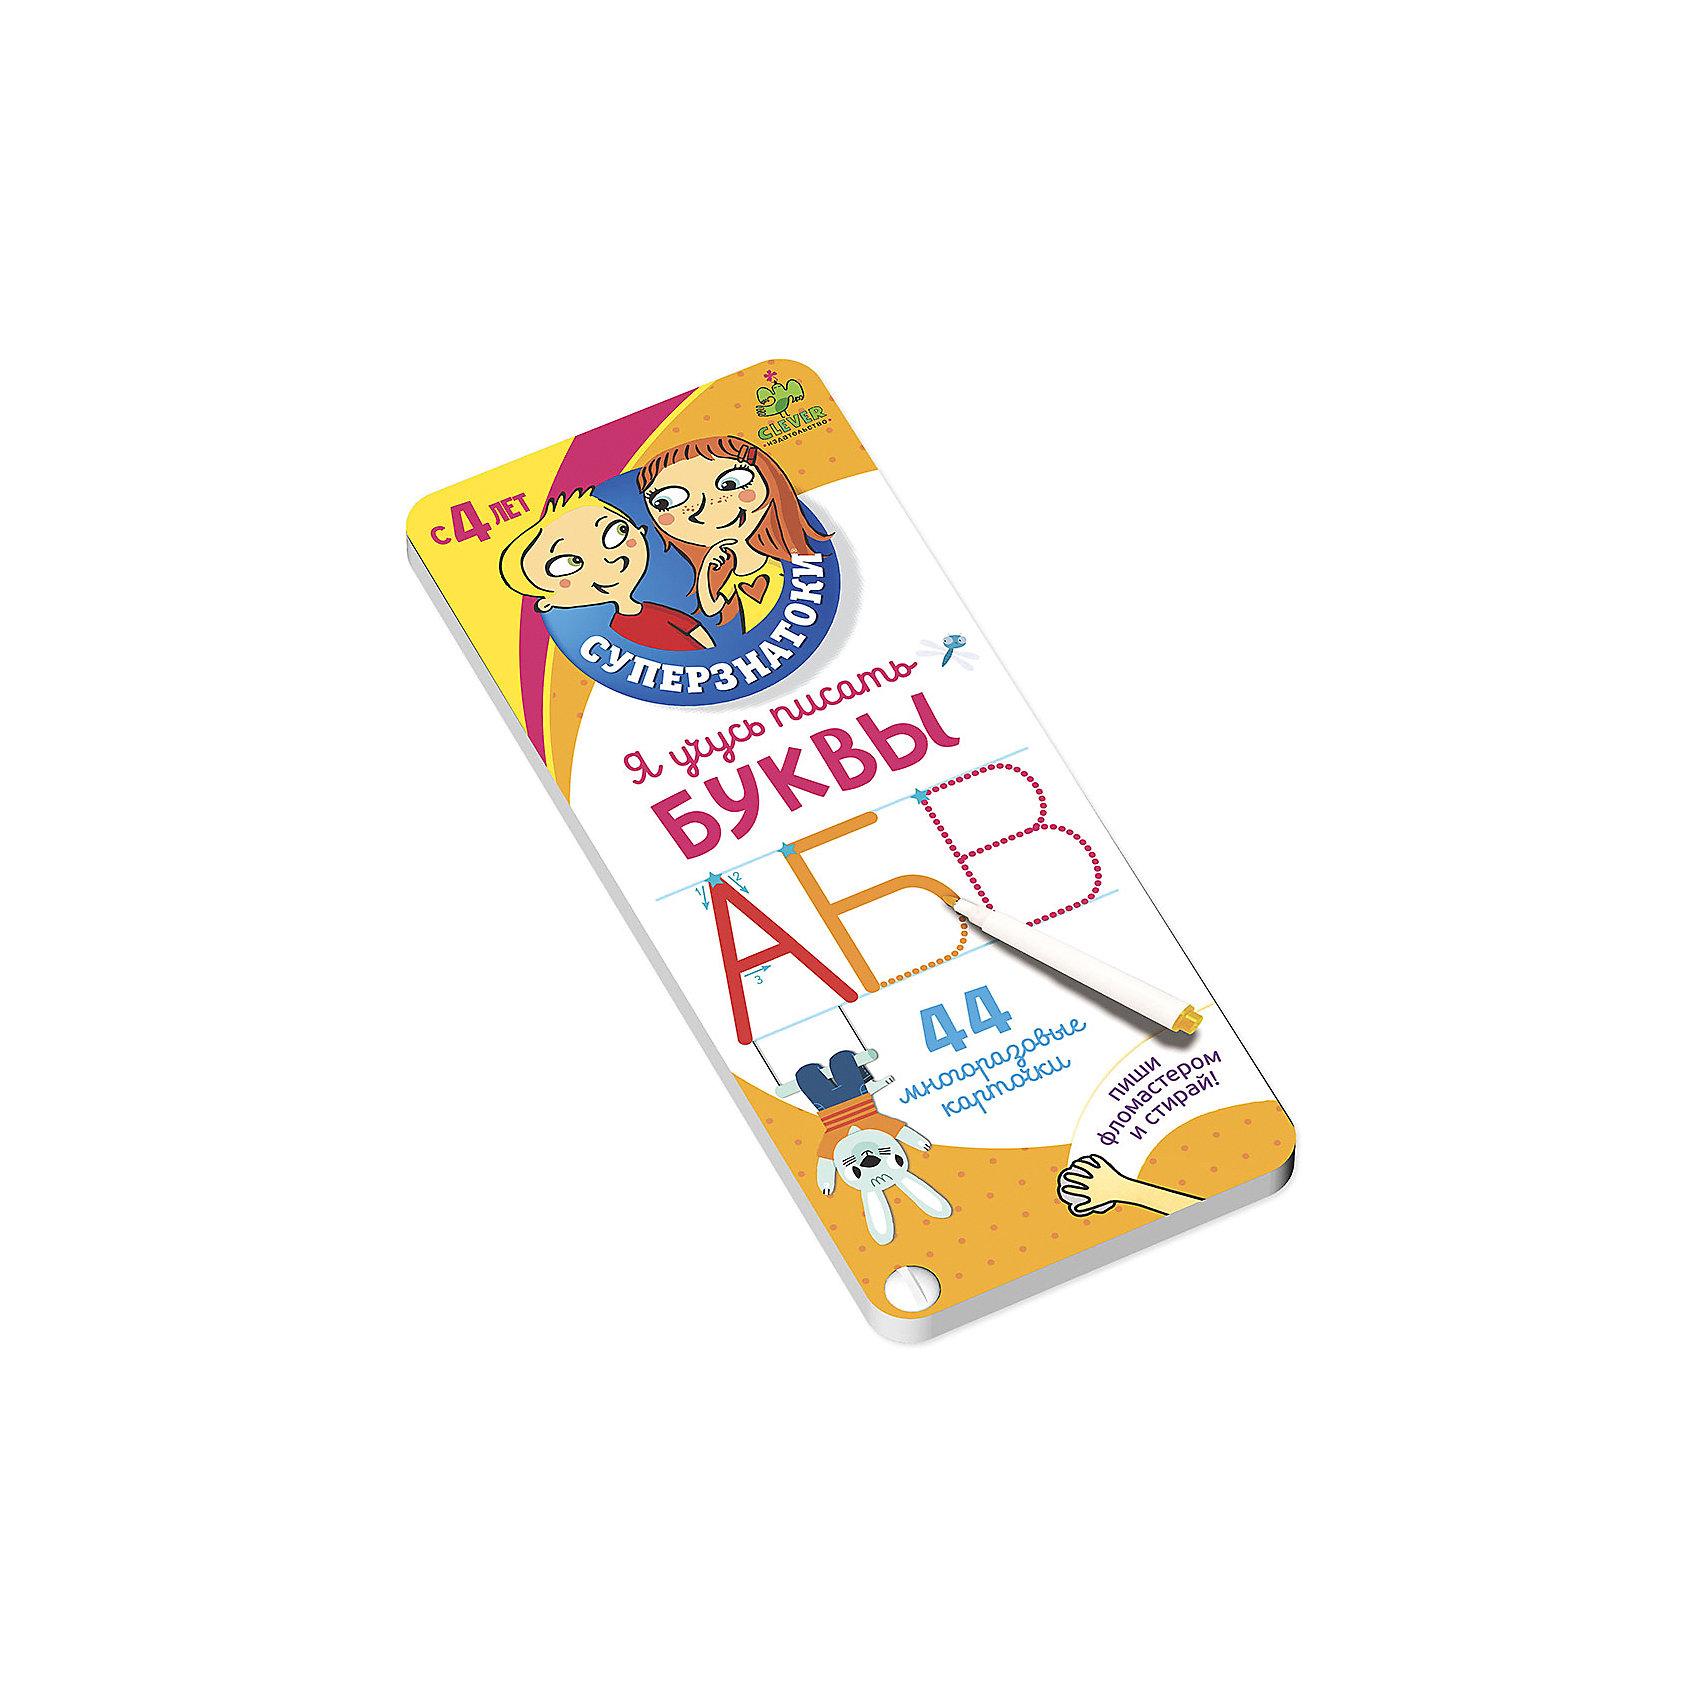 Я учусь писать буквы, Суперзнатоки для дошкольниковОбучающие карточки<br>Я учусь писать Элементы букв и цифр, Суперзнатоки для дошкольников<br><br>Характеристики:<br><br>• научит ребенка писать буквы в игровой форме<br>• написанное можно стереть<br>• объемные буквы из фетра<br>• издательство: Клевер-Медиа-Групп<br>• ISBN: 978-5-91982-450-3<br>• количество страниц: 44<br>• размер упаковки: 0,4х10х24,1 см<br>• вес: 190 грамм<br><br>Книга-блокнот Я учусь писать буквы создана специально для подготовки у школе. Ребёнок в игровой форме научится писать буквы по звездочкам и стрелкам. Интересные задания вызовут интерес у ребёнка и он с радостью будет заниматься. Если допущена ошибка - можно стереть написанное и попробовать выполнить задание правильно.<br><br>Я учусь писать Элементы букв и цифр, Суперзнатоки для дошкольников вы можете купить в нашем интернет-магазине.<br><br>Ширина мм: 241<br>Глубина мм: 100<br>Высота мм: 4<br>Вес г: 190<br>Возраст от месяцев: 48<br>Возраст до месяцев: 72<br>Пол: Унисекс<br>Возраст: Детский<br>SKU: 5377860